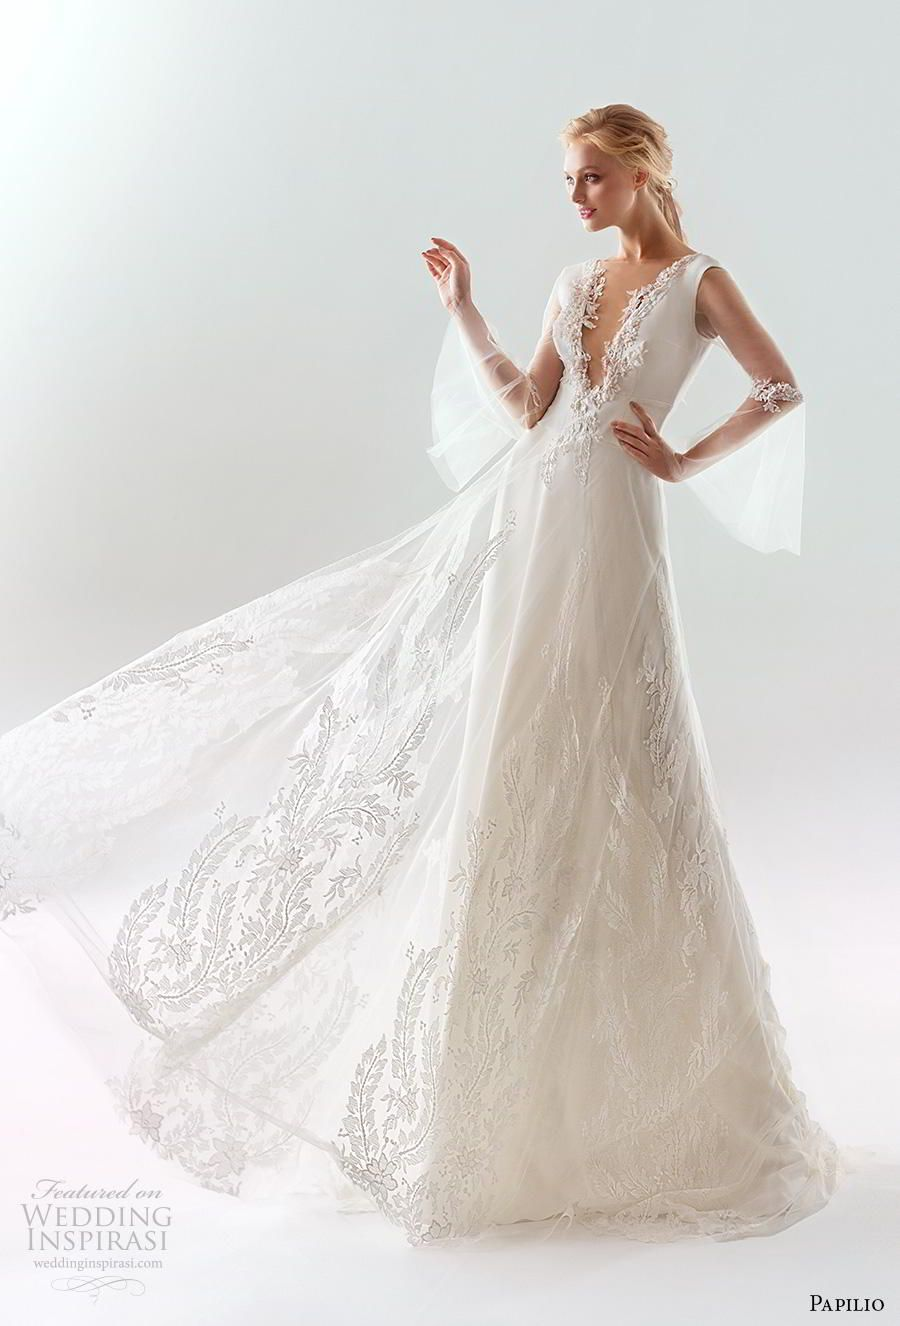 Night before wedding decorations january 2019 Papilio  Wedding Dresses u ucWhite Windud Bridal Collection